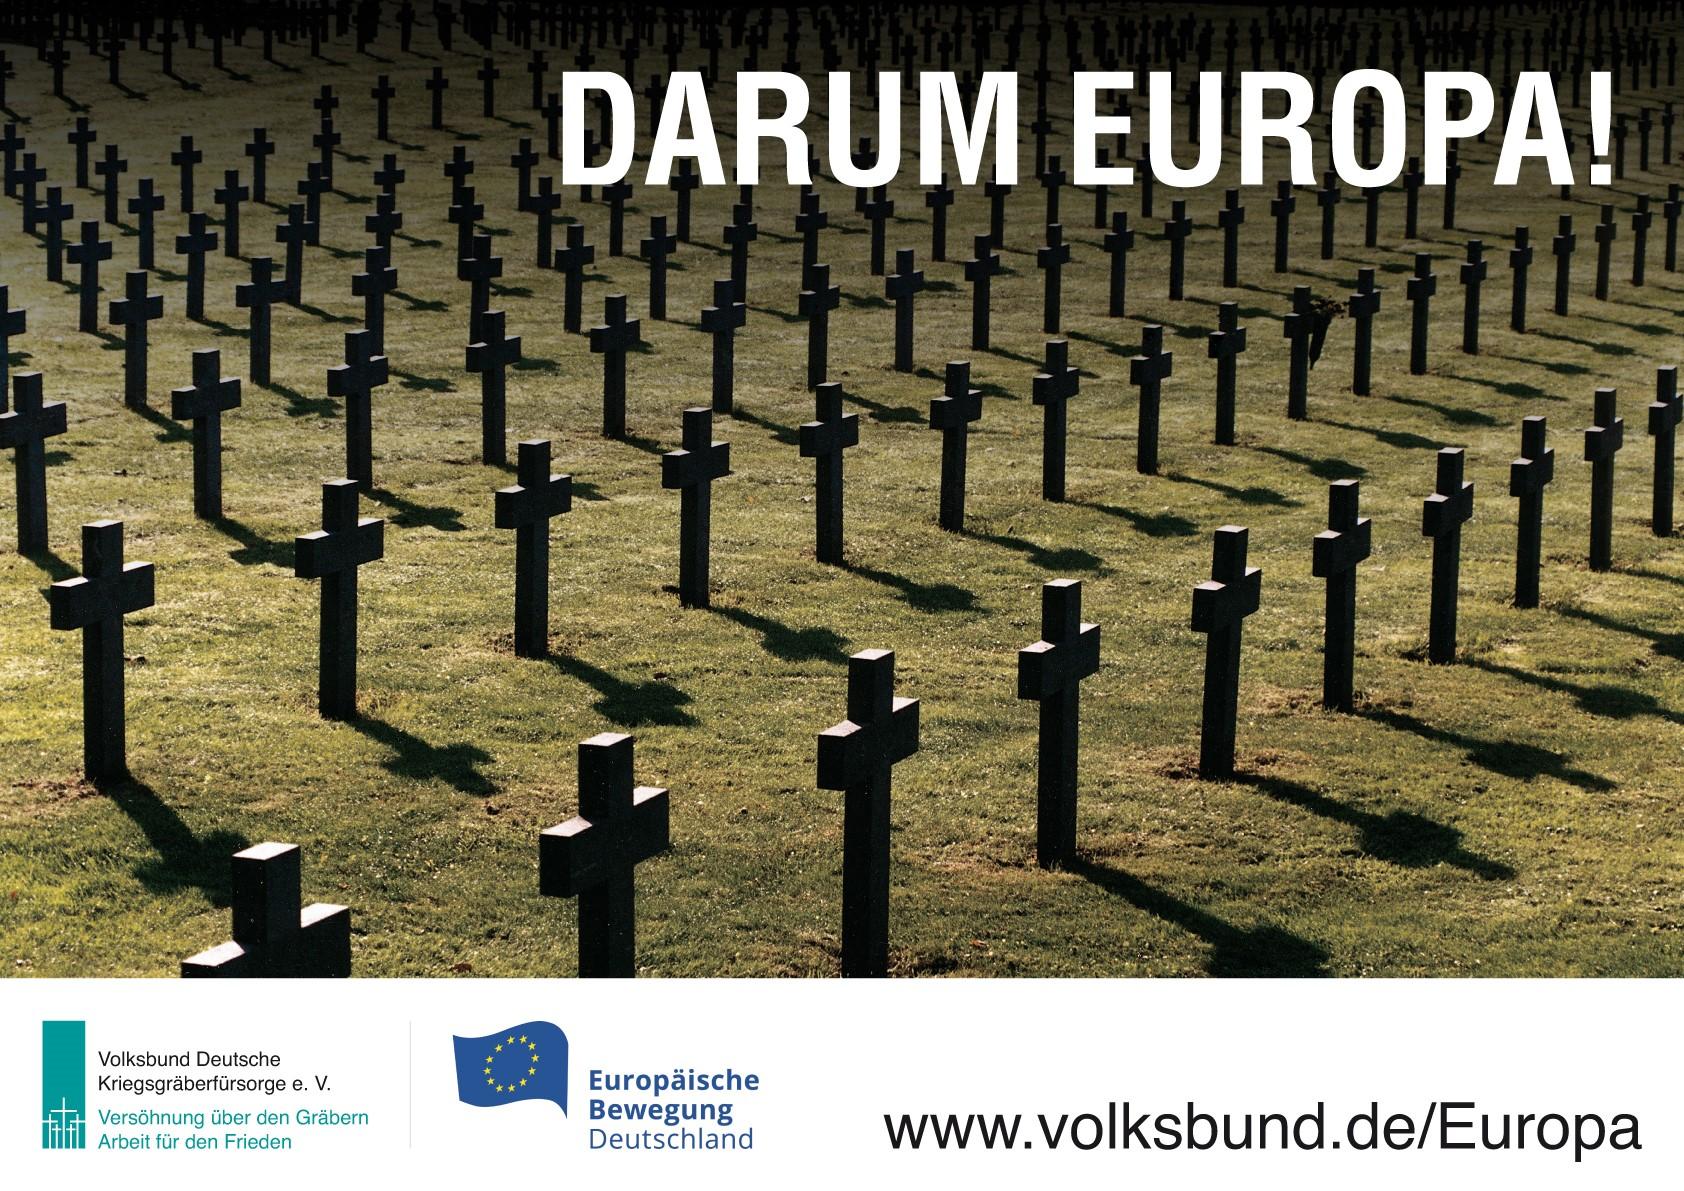 Volksbund | Kampagne in über 1200 Städten: Darum Europa! Kriegsgräber ermahnen zum Frieden